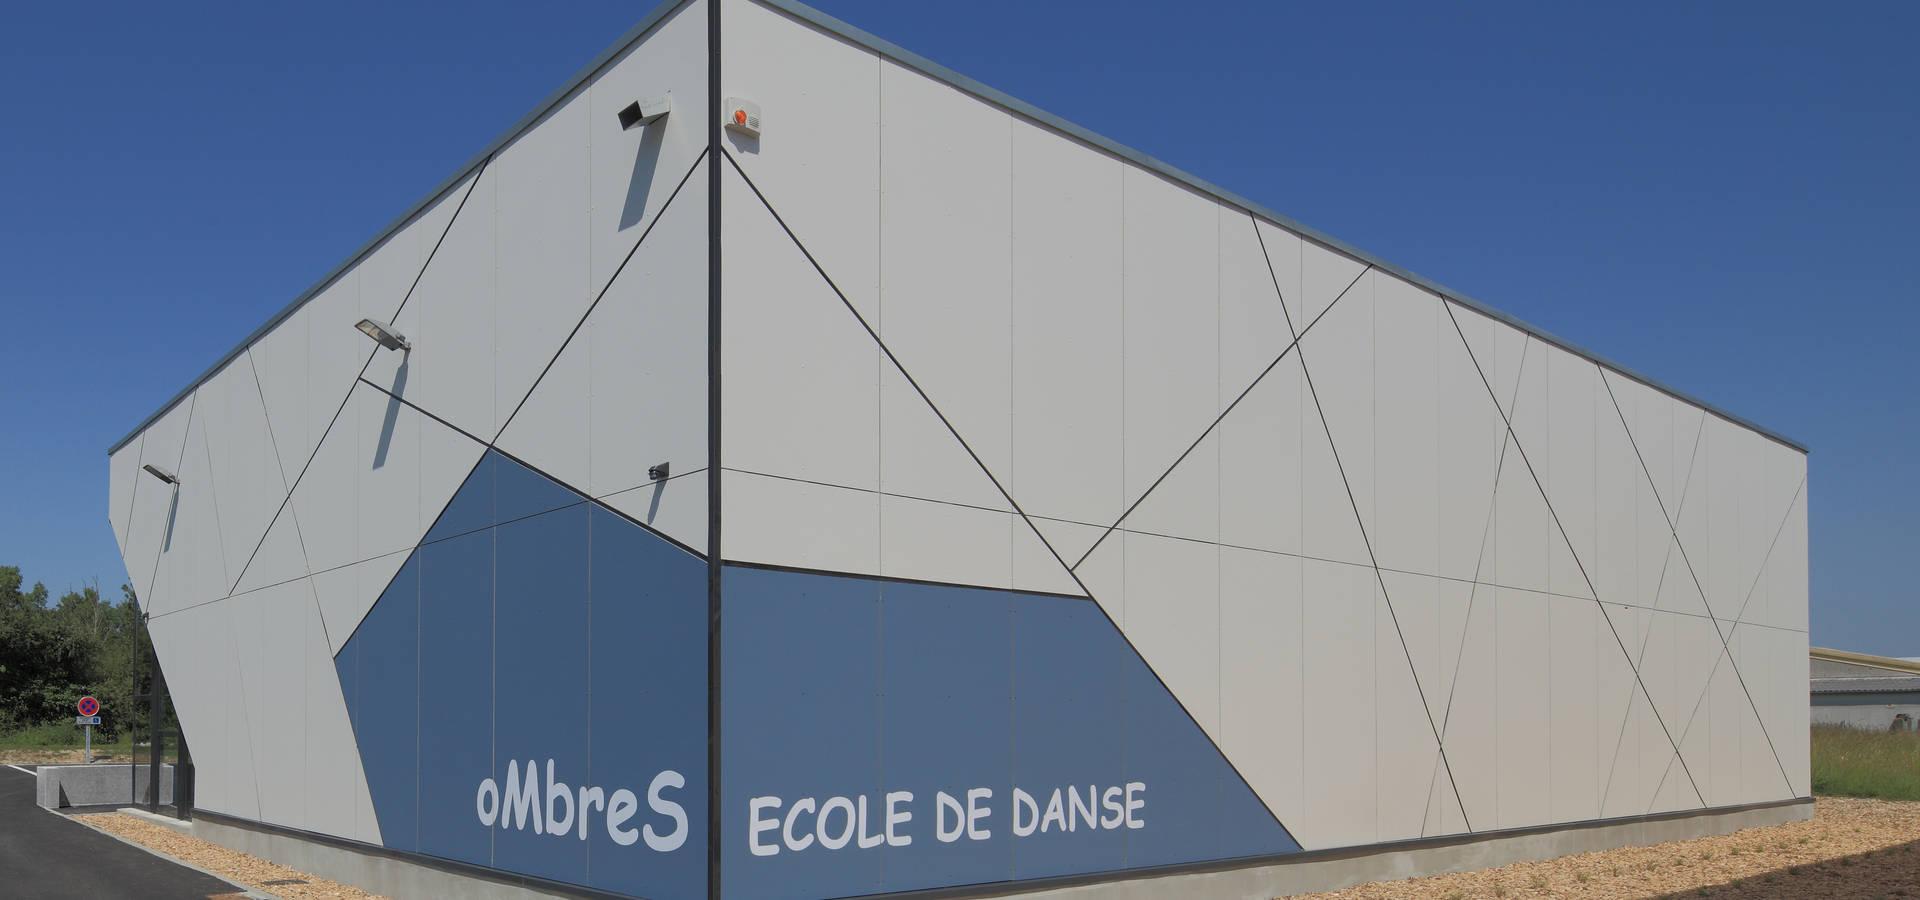 Atelier d'Architecture Gilles BERTRAND